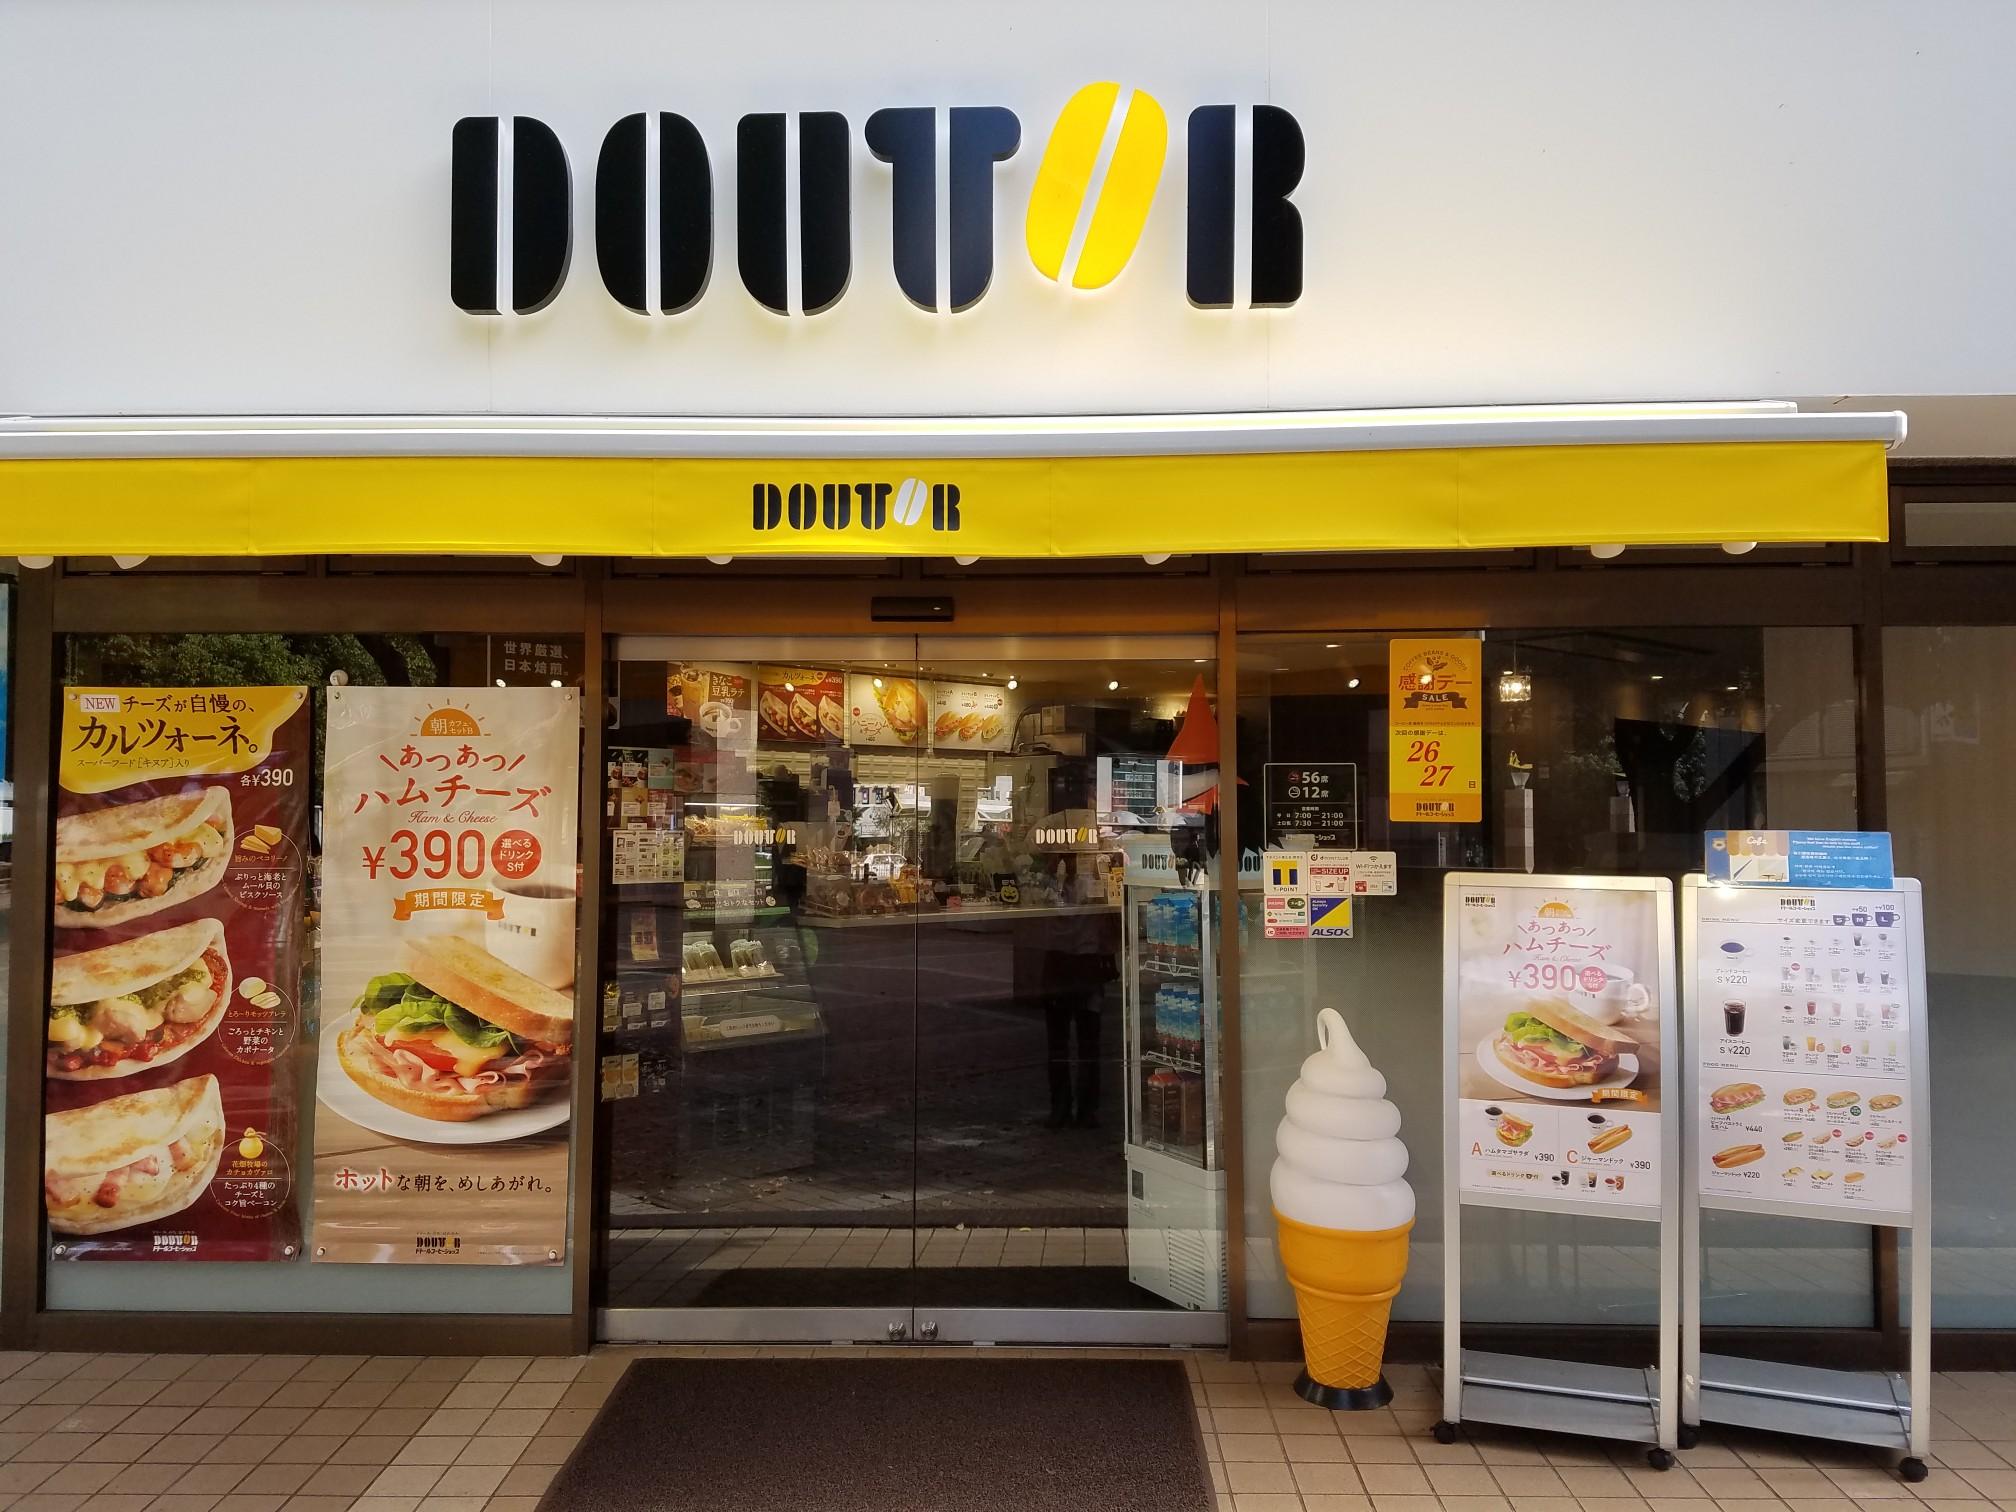 ドトール・コーヒーショップ 仲町台店の玄関